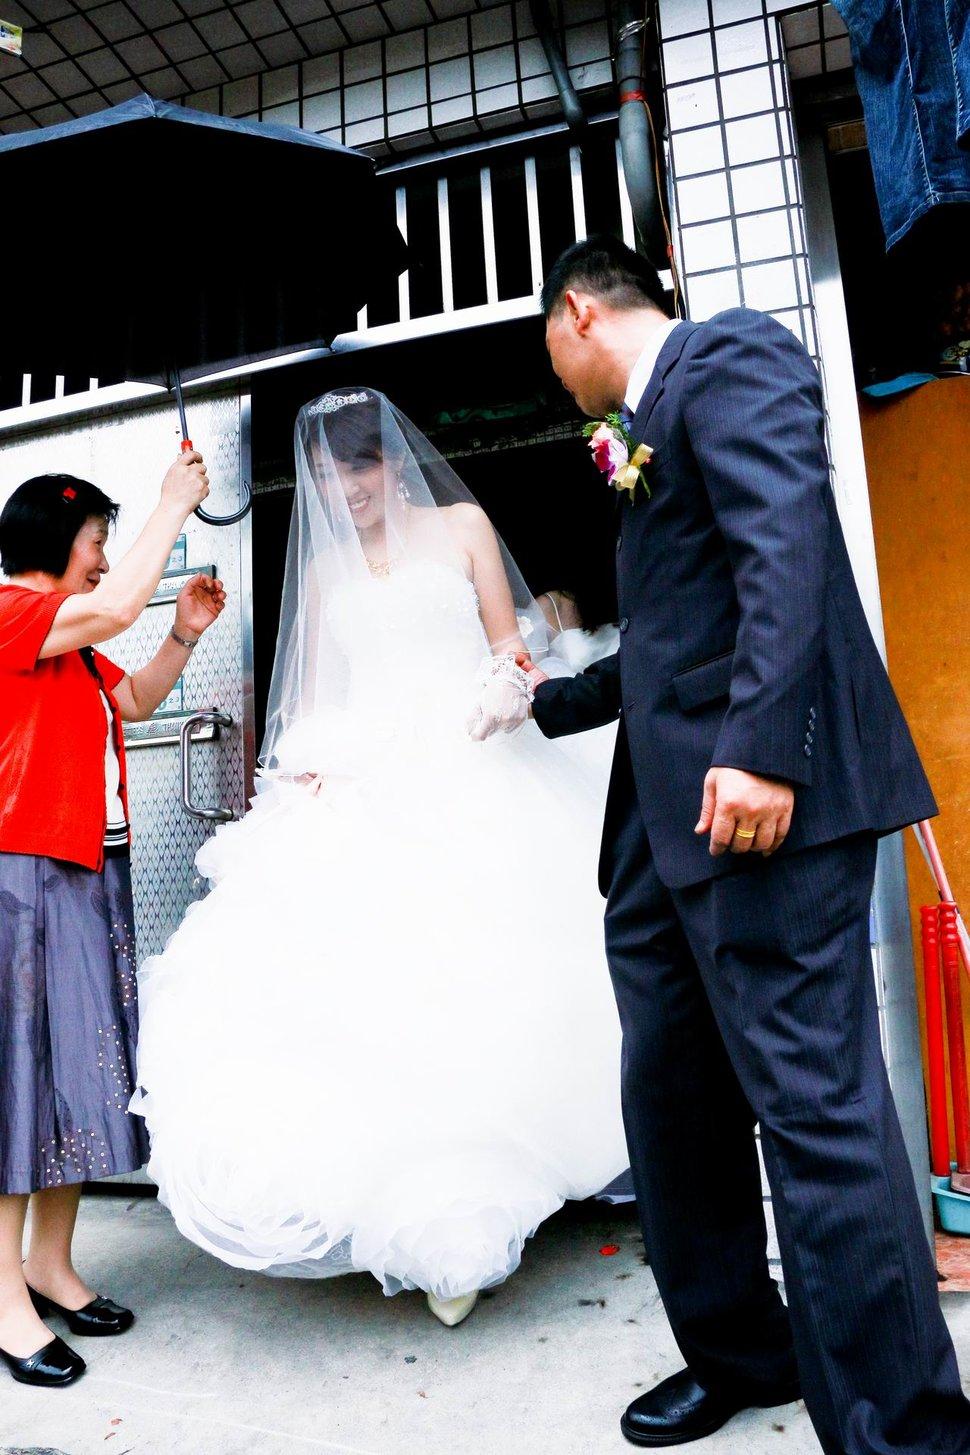 板橋吉立定結餐廳迎娶文定婚禮記錄結婚迎娶婚禮攝影動態微電影錄影專業錄影平面攝影影婚禮主持人(編號:196995) - 蜜月拍照10800錄影12800攝影團隊 - 結婚吧